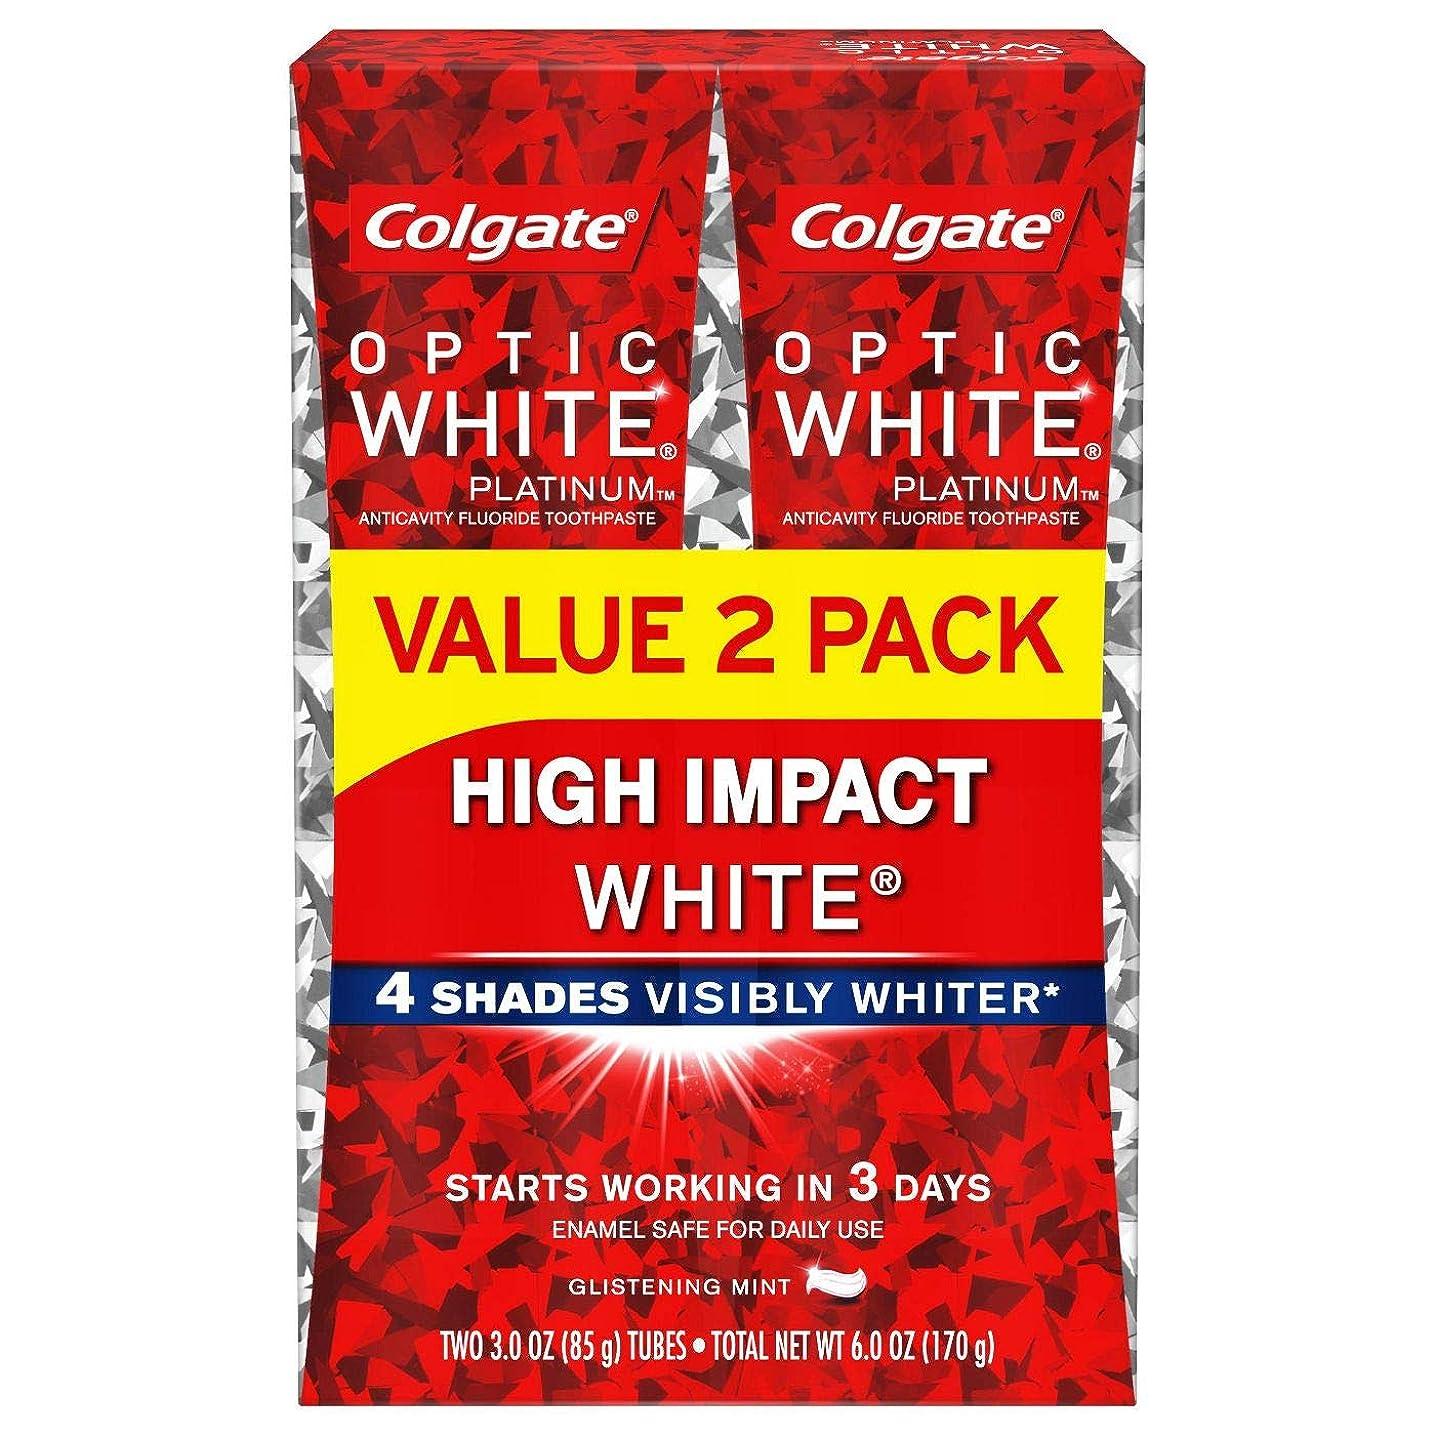 共感する半円眉をひそめるColgate Optic White High Impact White 練り歯磨き [並行輸入品] (2個セット)